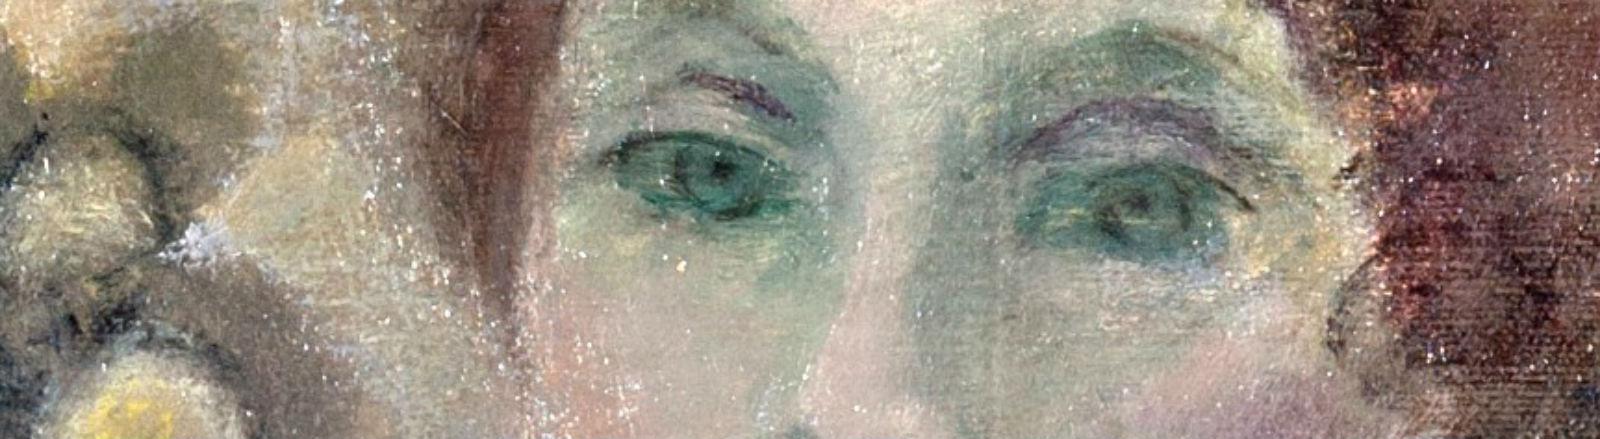 Ein Ausschnitt aus einem Gemälde zeigt die Augen einer jungen Frau.